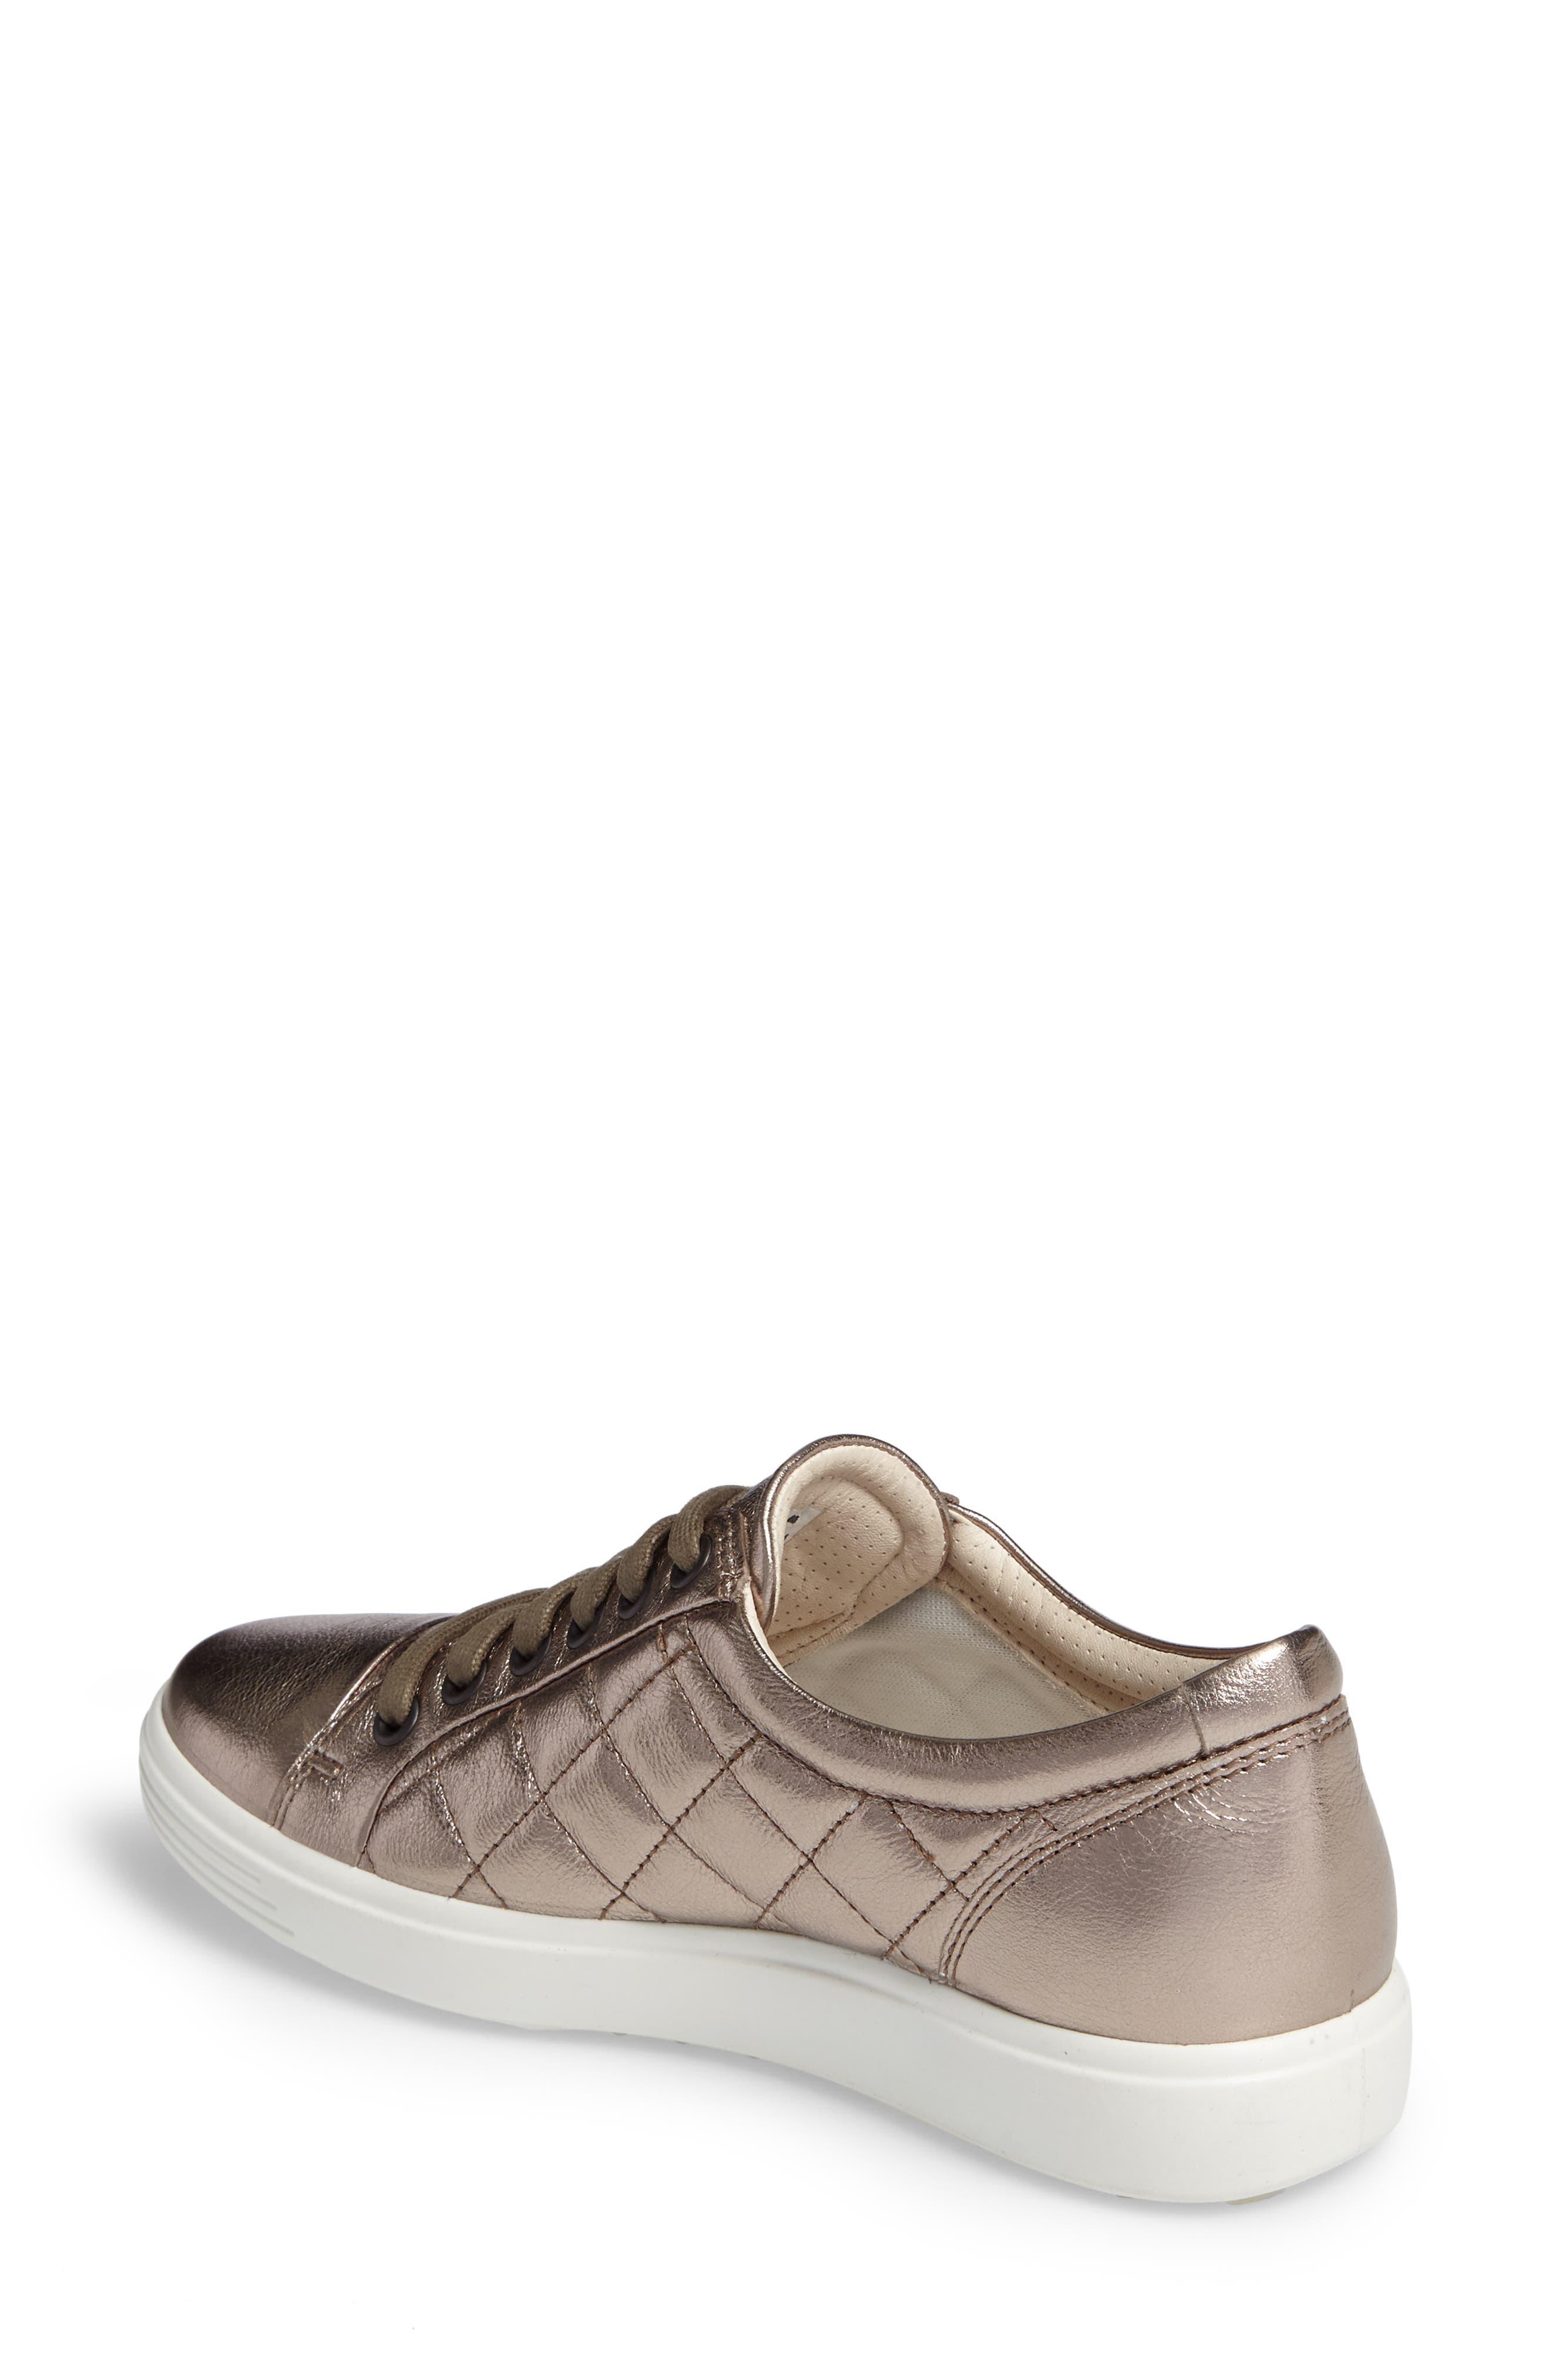 'Soft 7' Sneaker,                             Alternate thumbnail 2, color,                             050